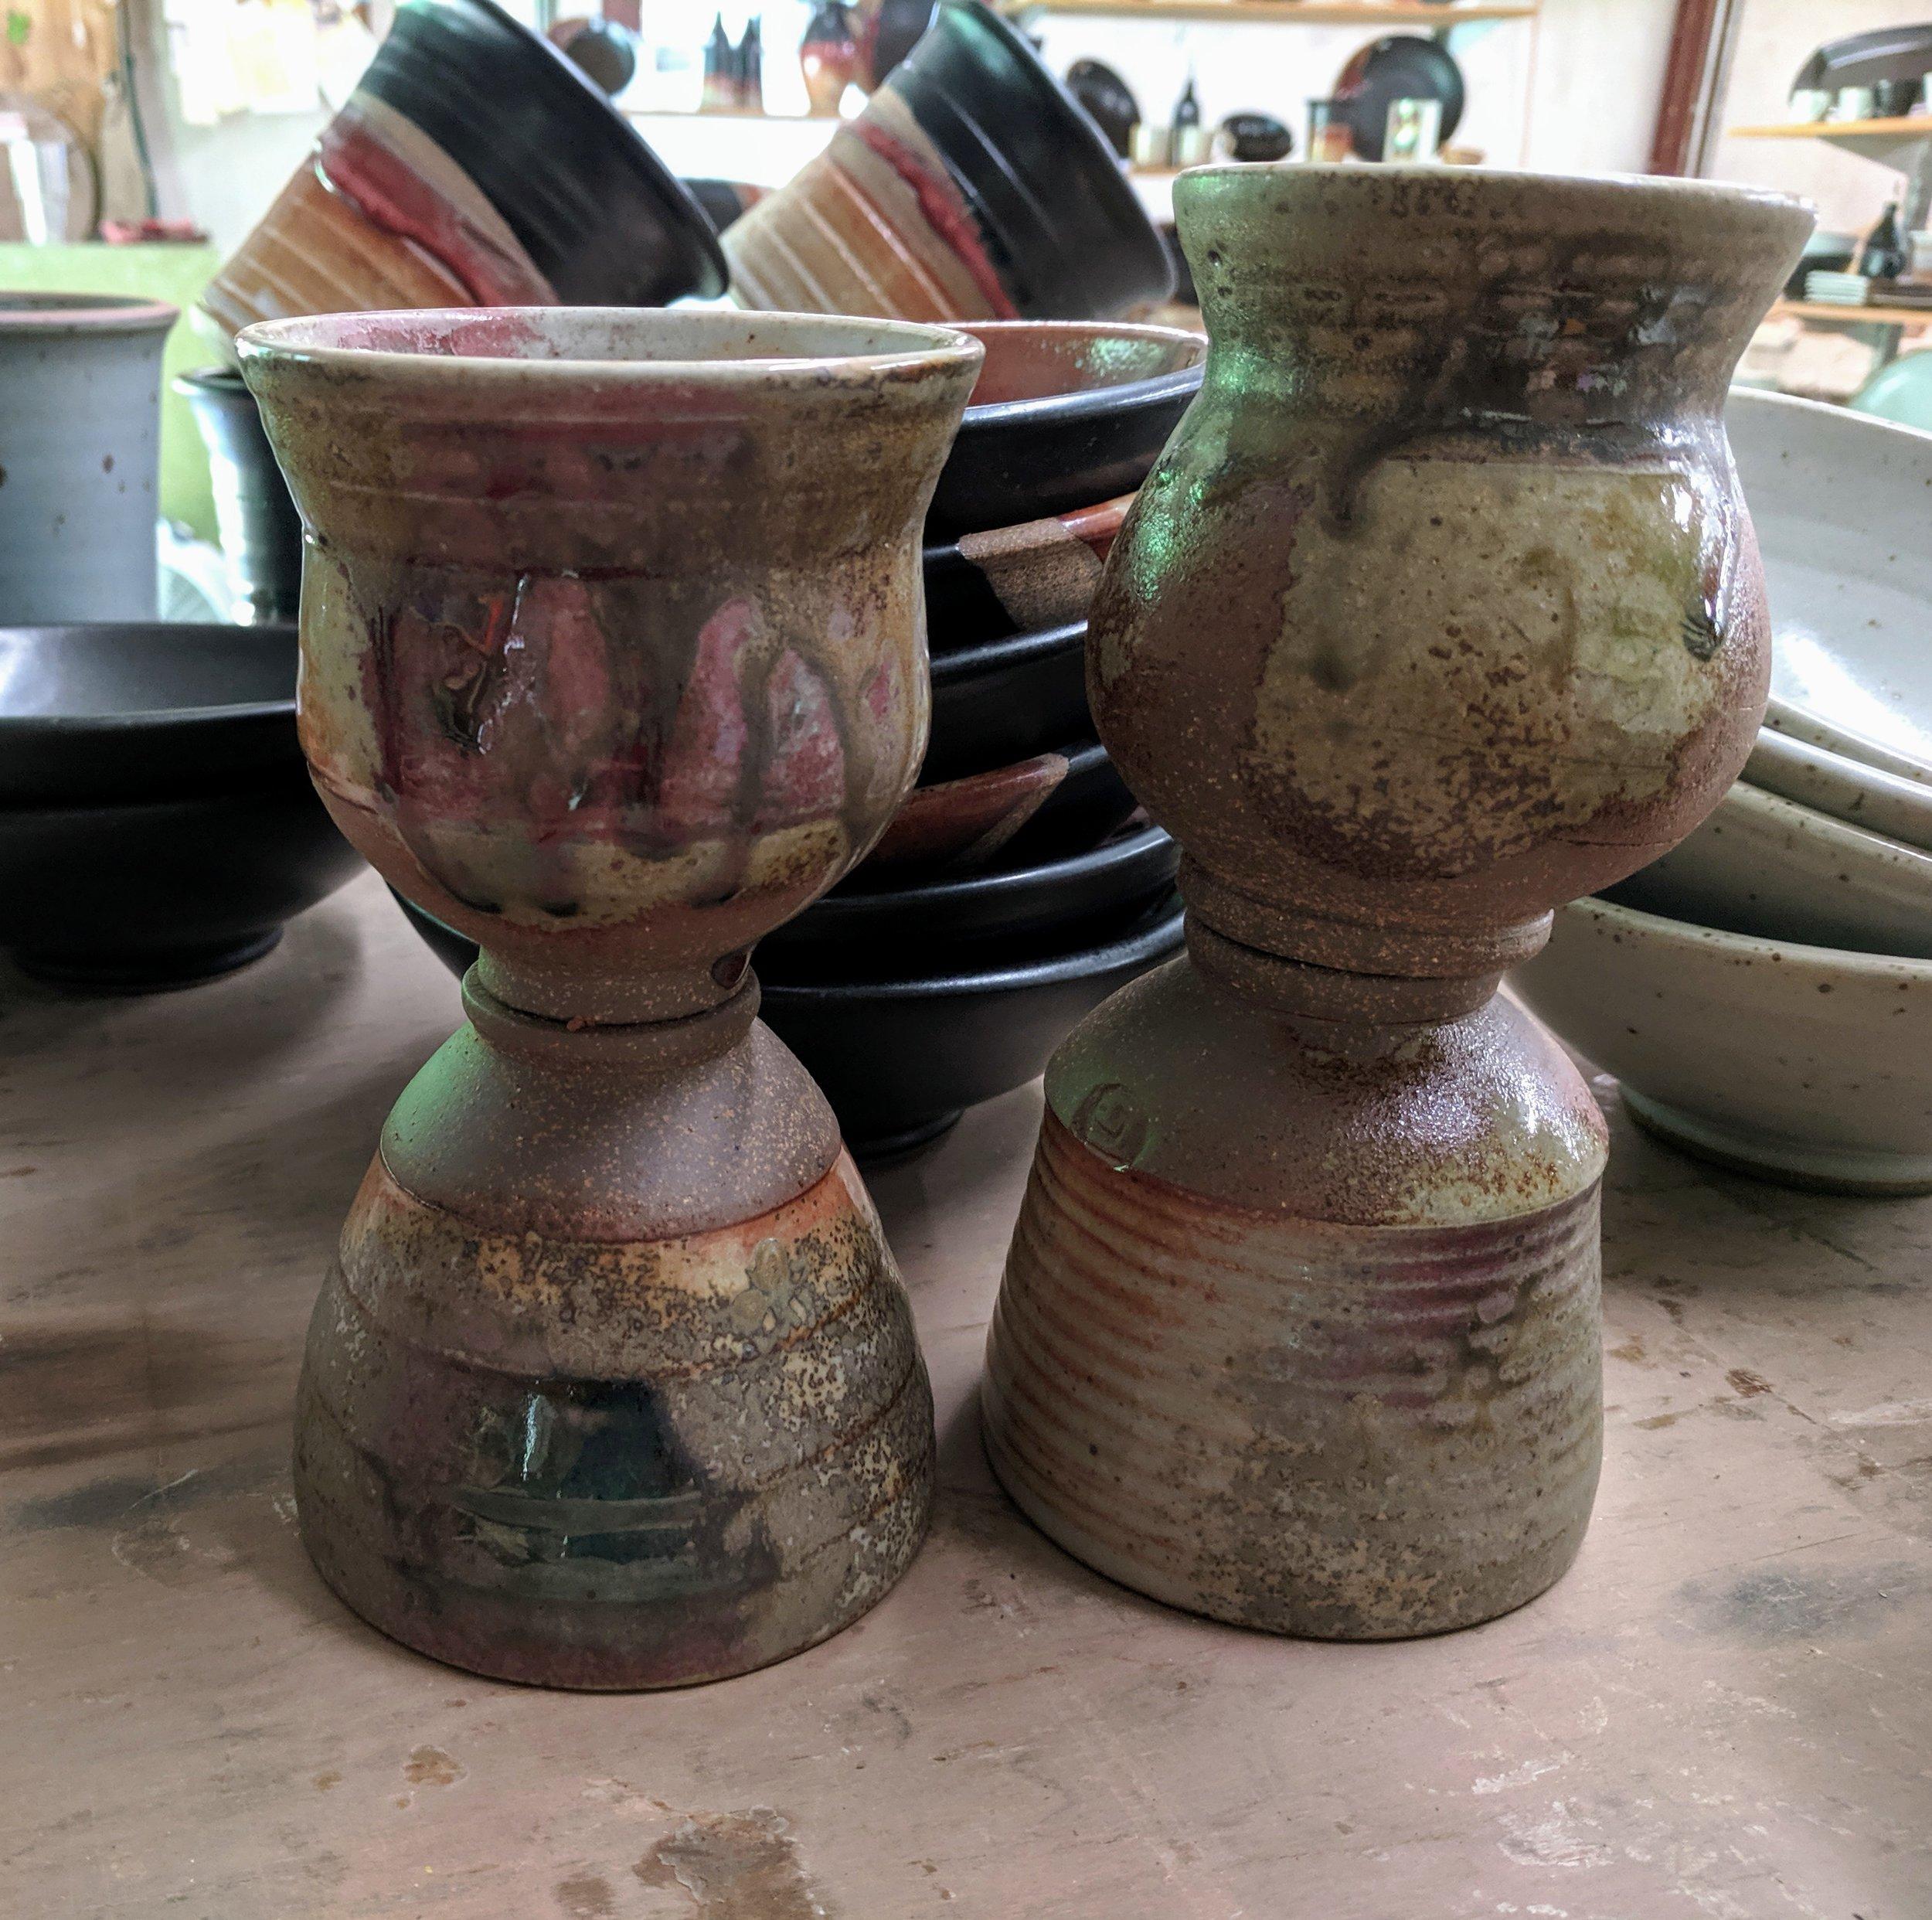 Teabowls, yunomi, wine cups, etc.